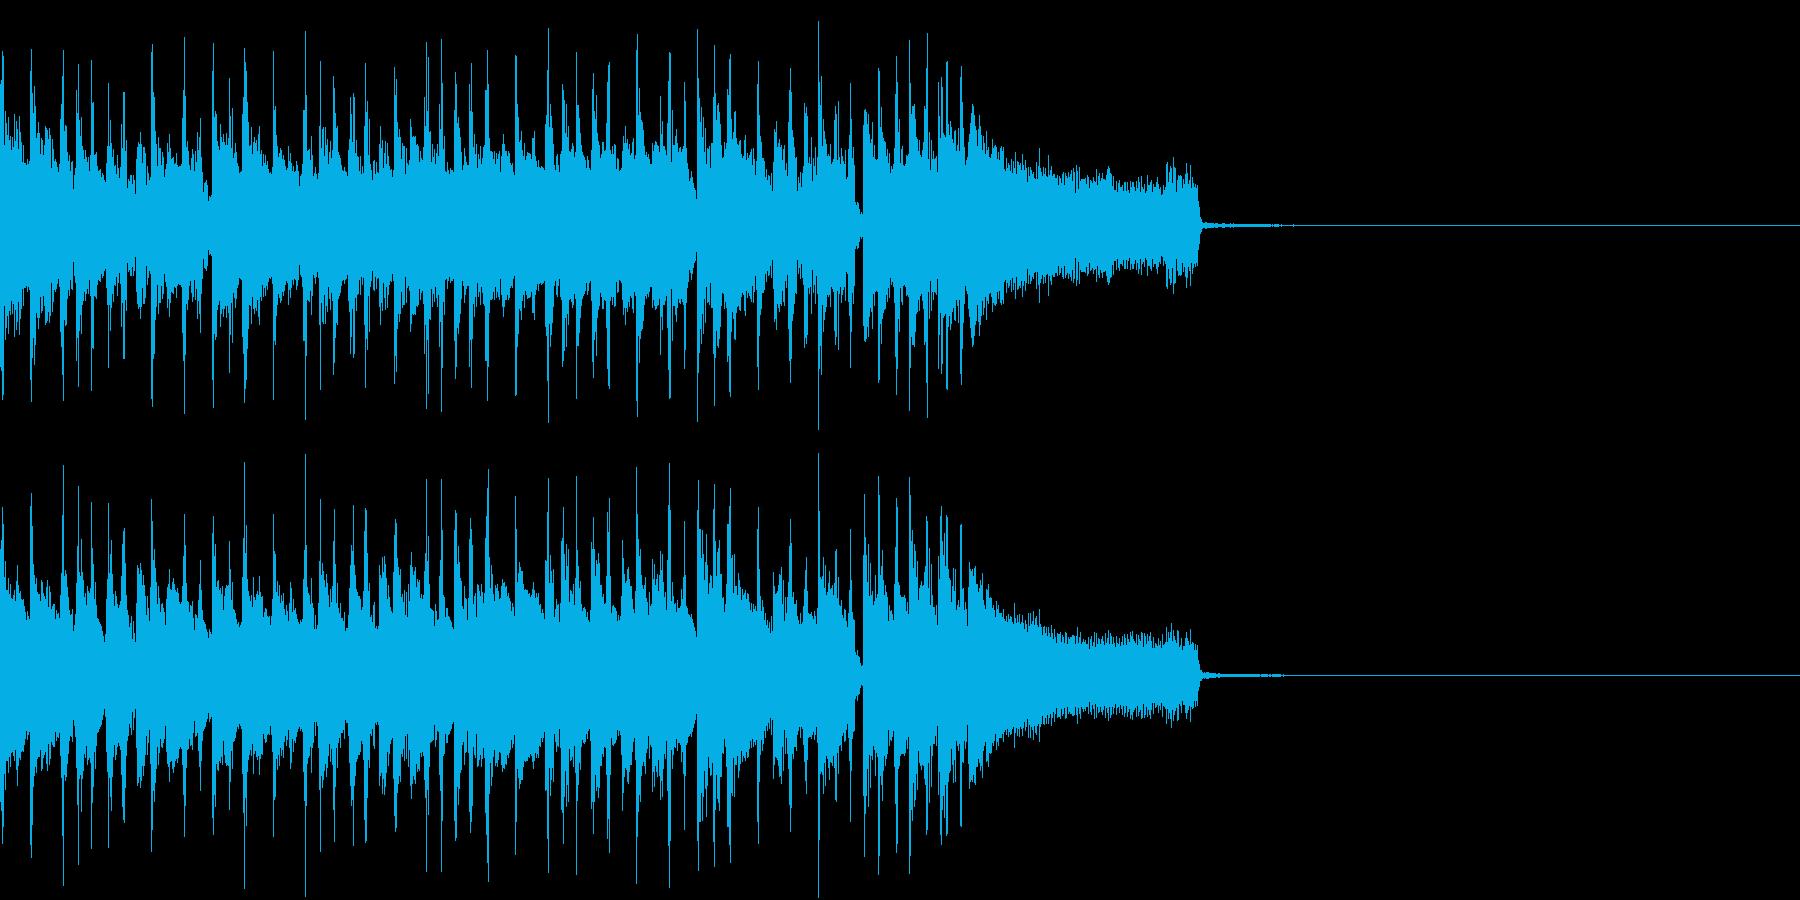 定番のロック・ブルースなジングルの再生済みの波形